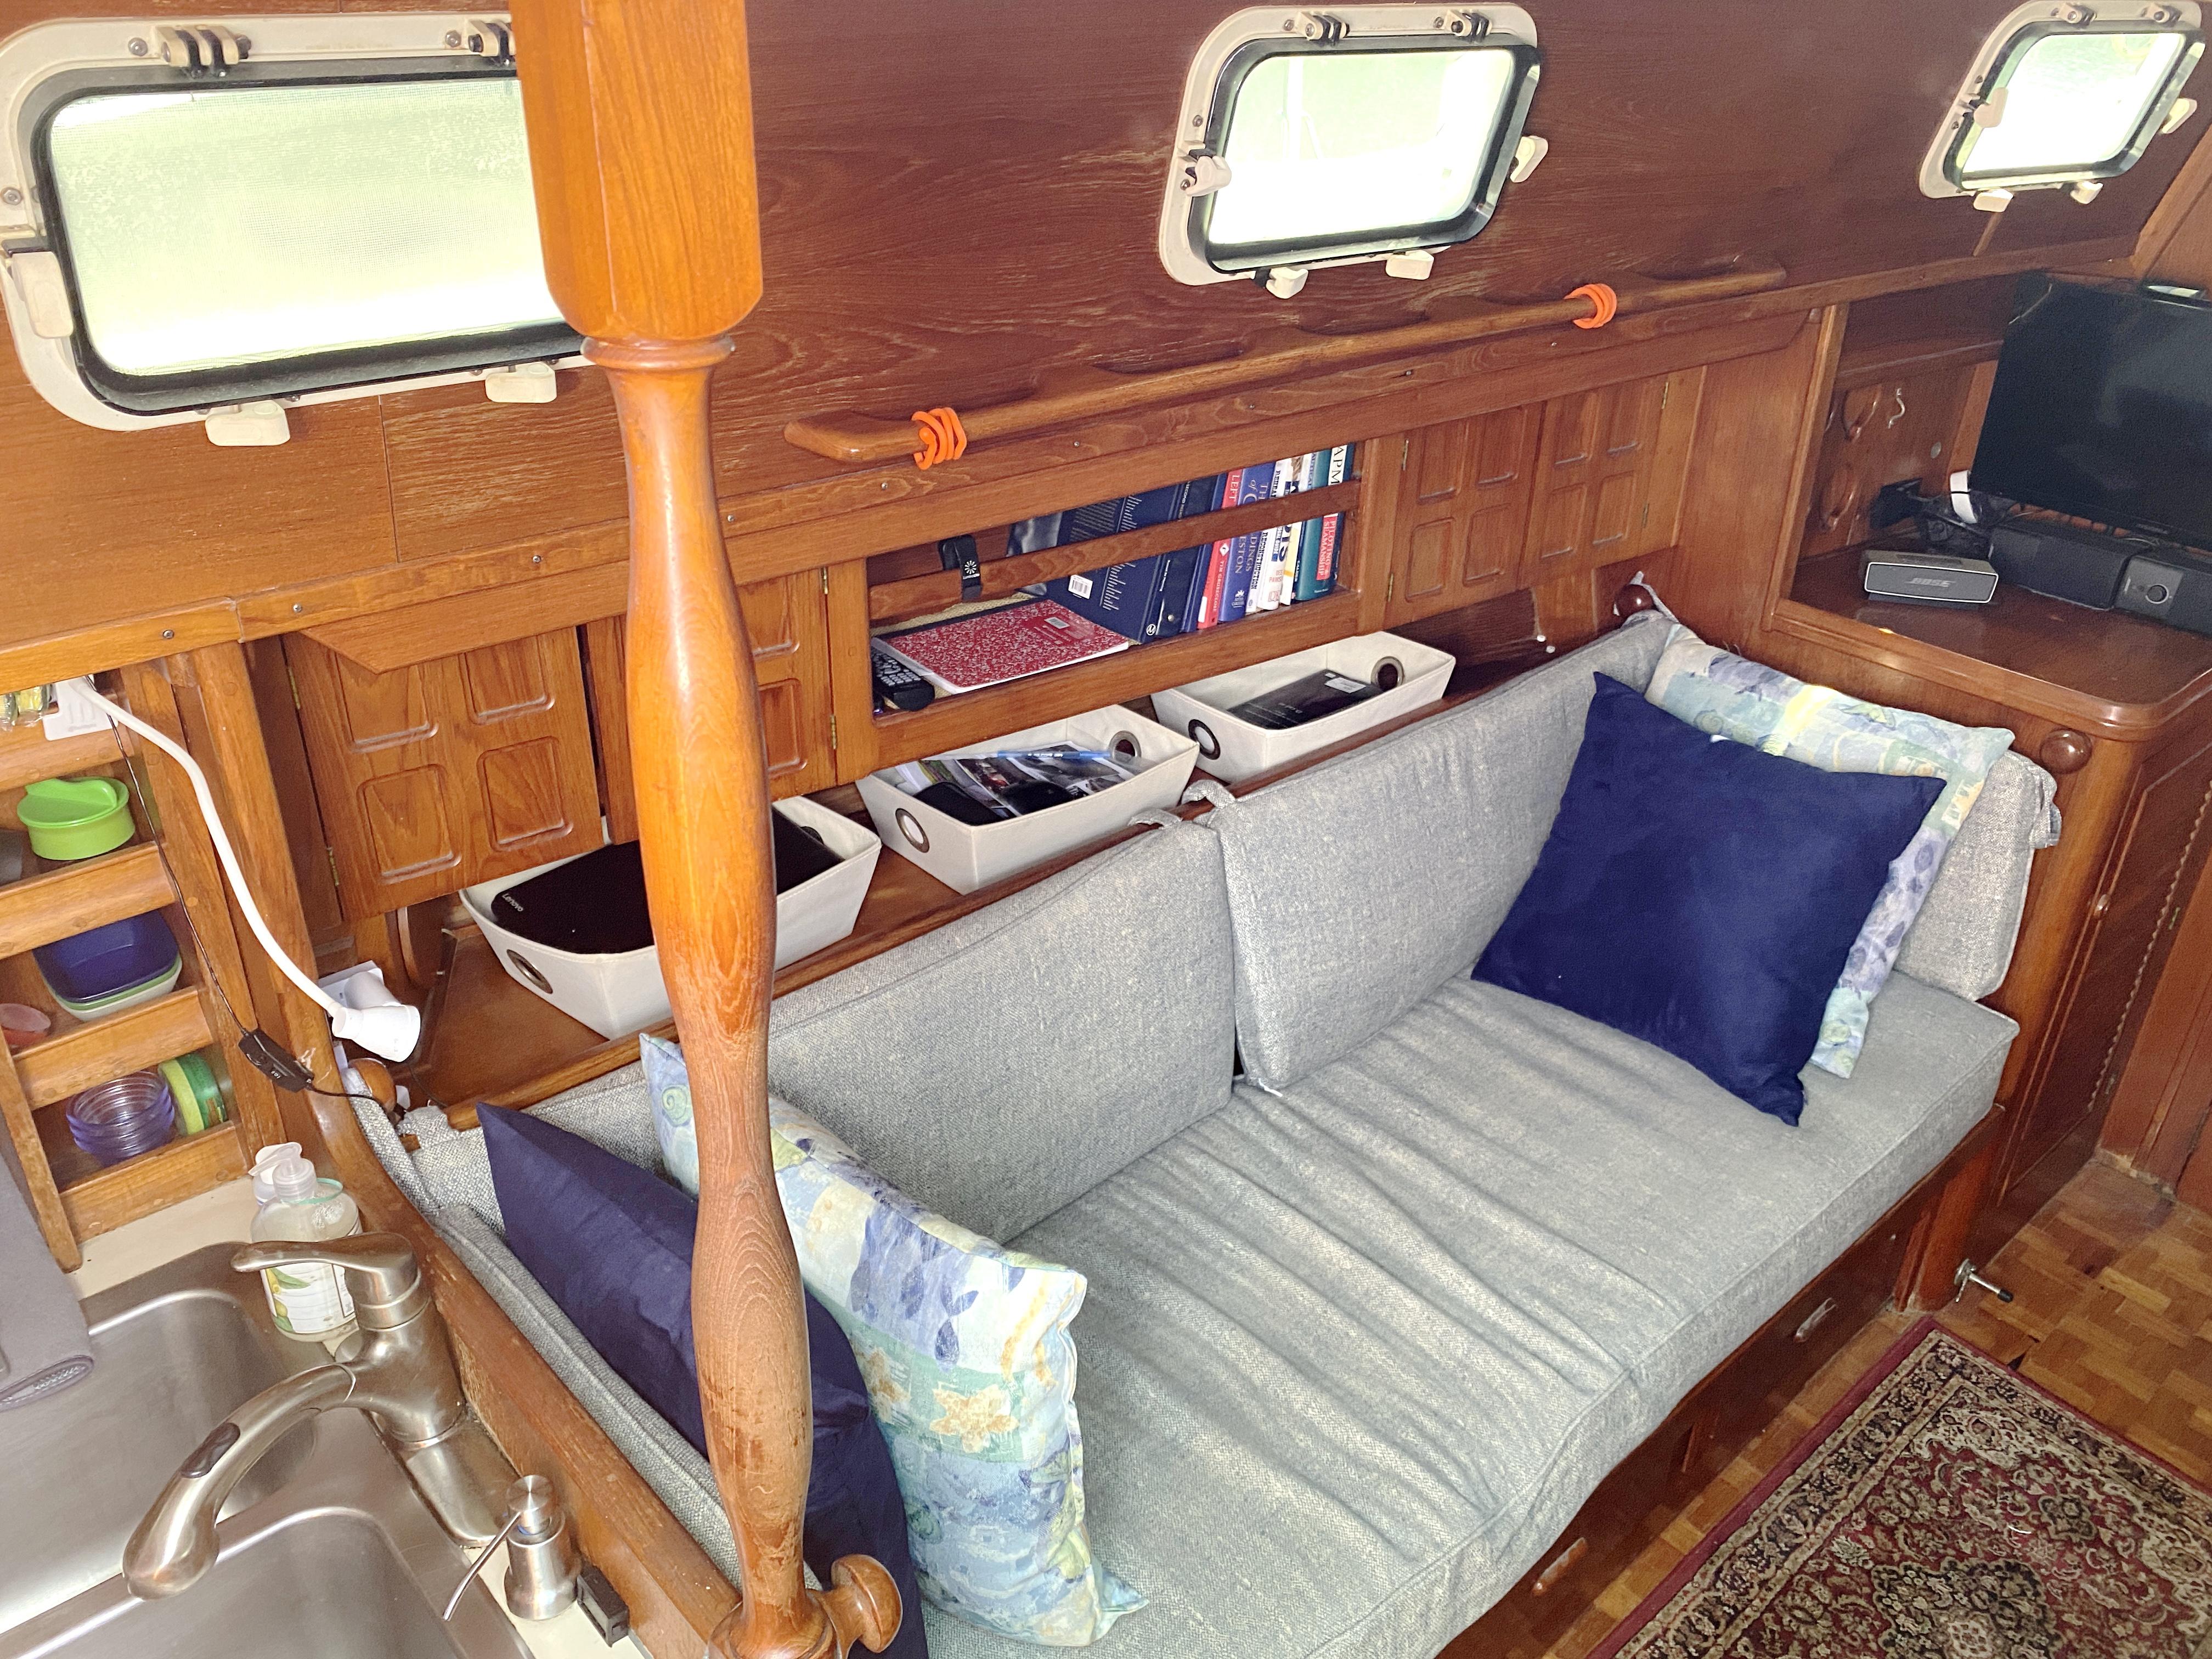 Endeavour 40 Center Cockpit - Endeavour 40 Center Cockpit port settee in saloon